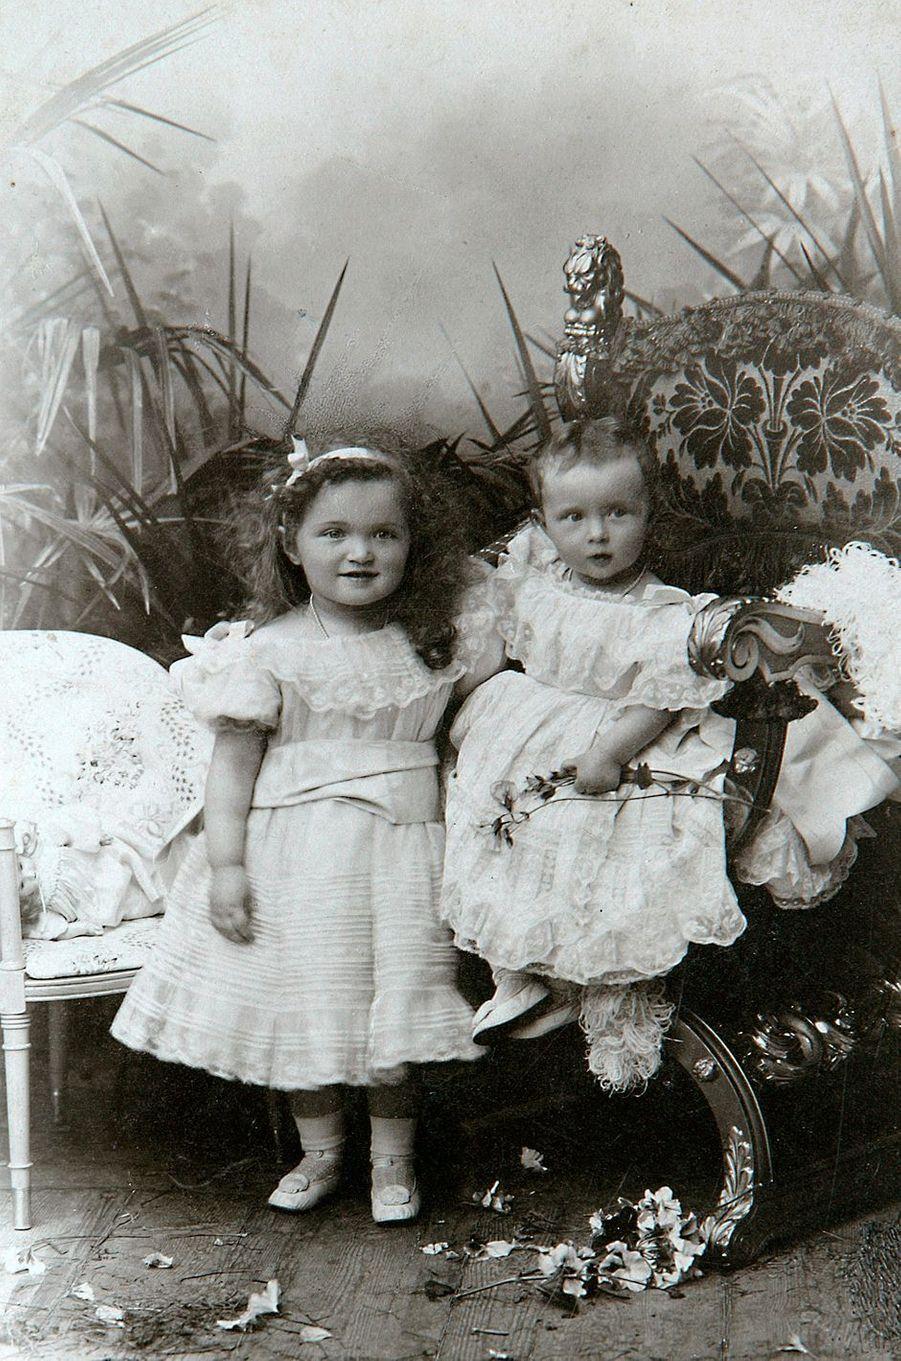 Les grandes-duchesses Olga et Tatiana de Russie. Photo non datée